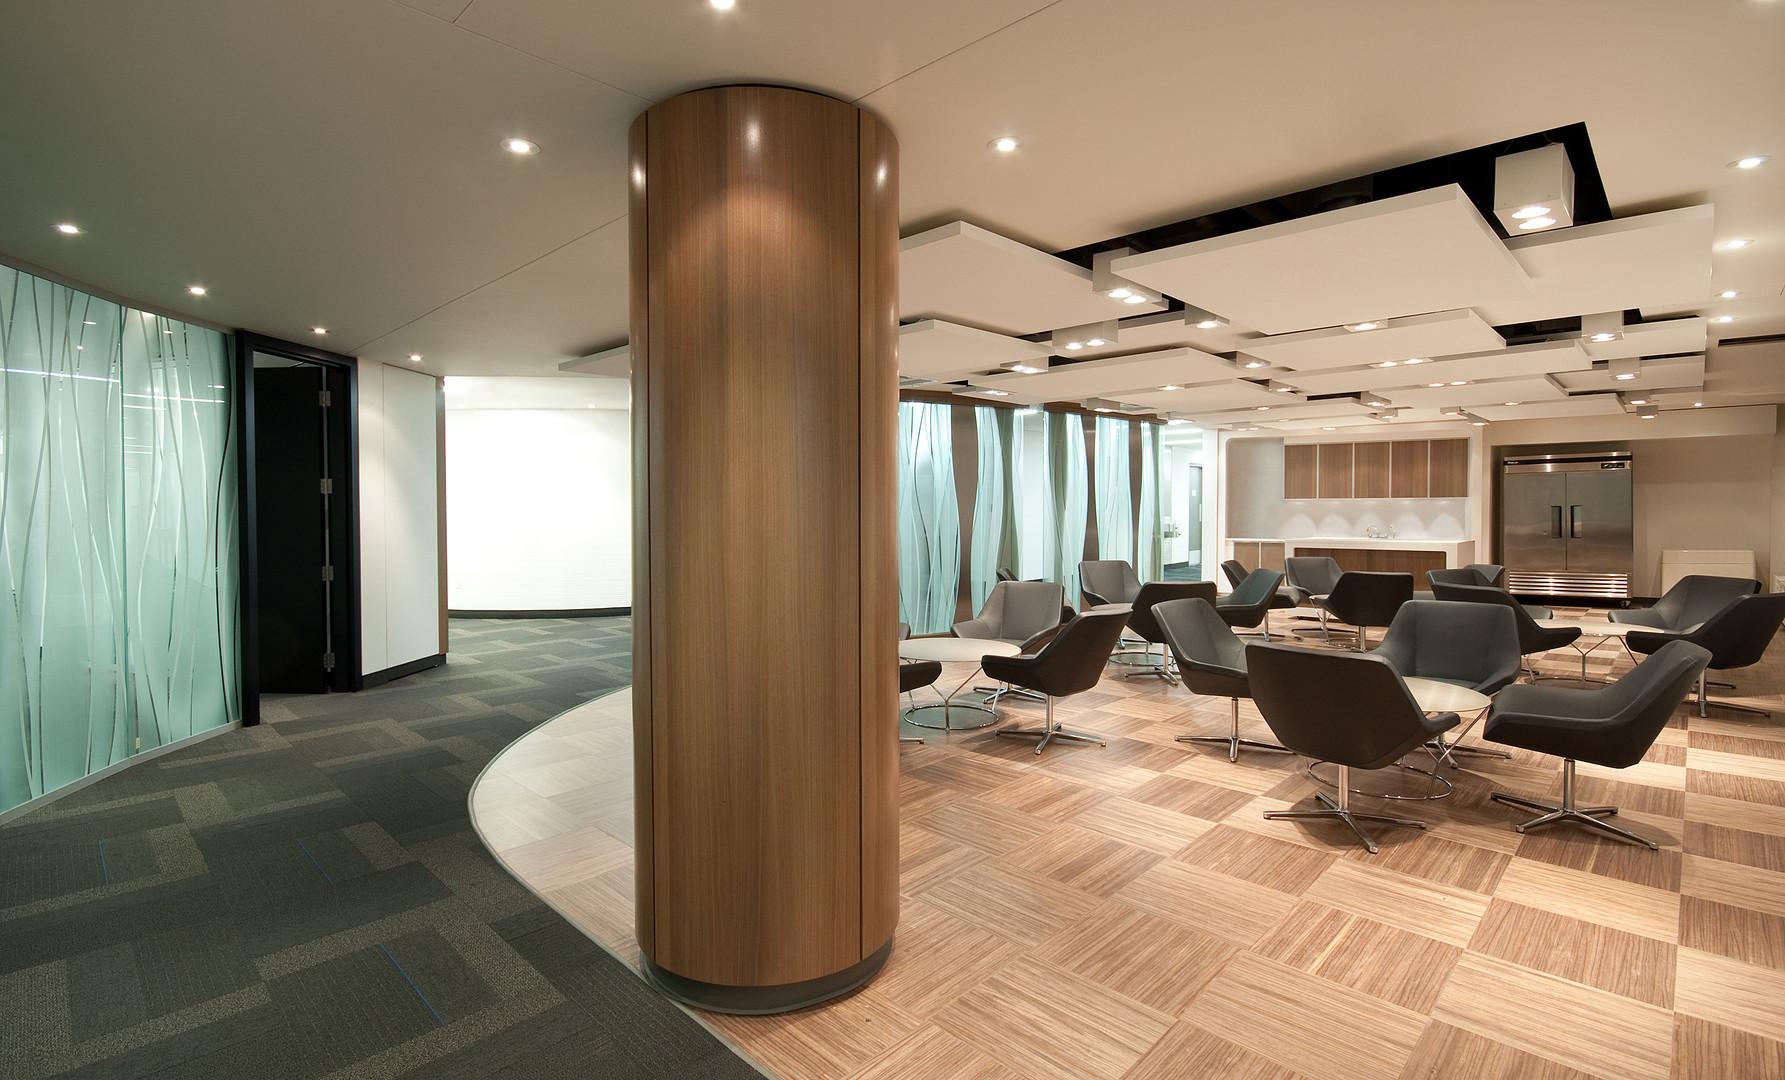 Bureaux Imperial Tobacco Canada par JBC Architectes